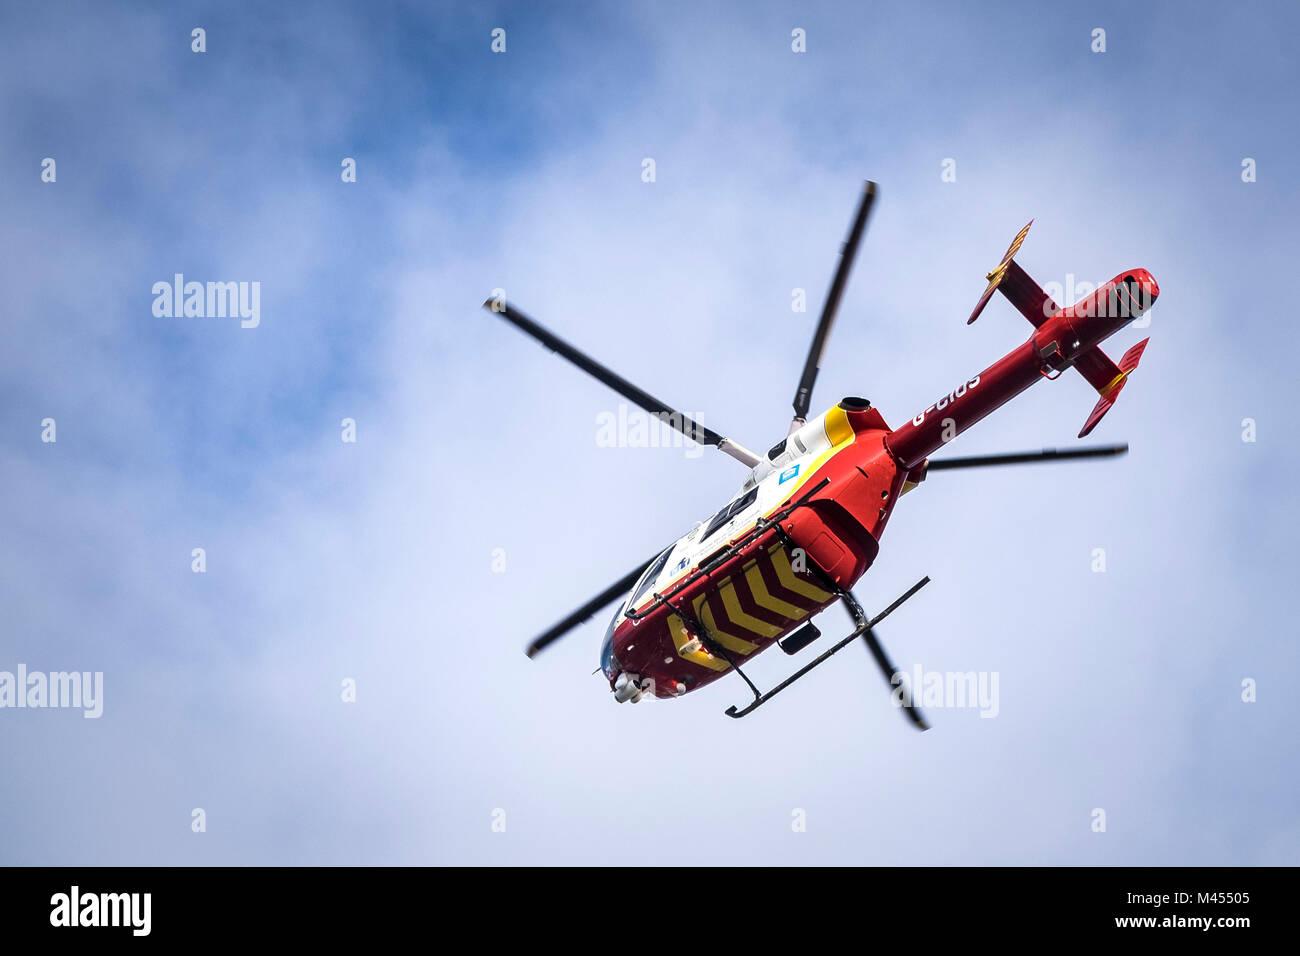 El Cornwall Ambulancia Aérea de helicóptero McDonnell Douglas MD 902 Explorer sobrevolaba. Imagen De Stock